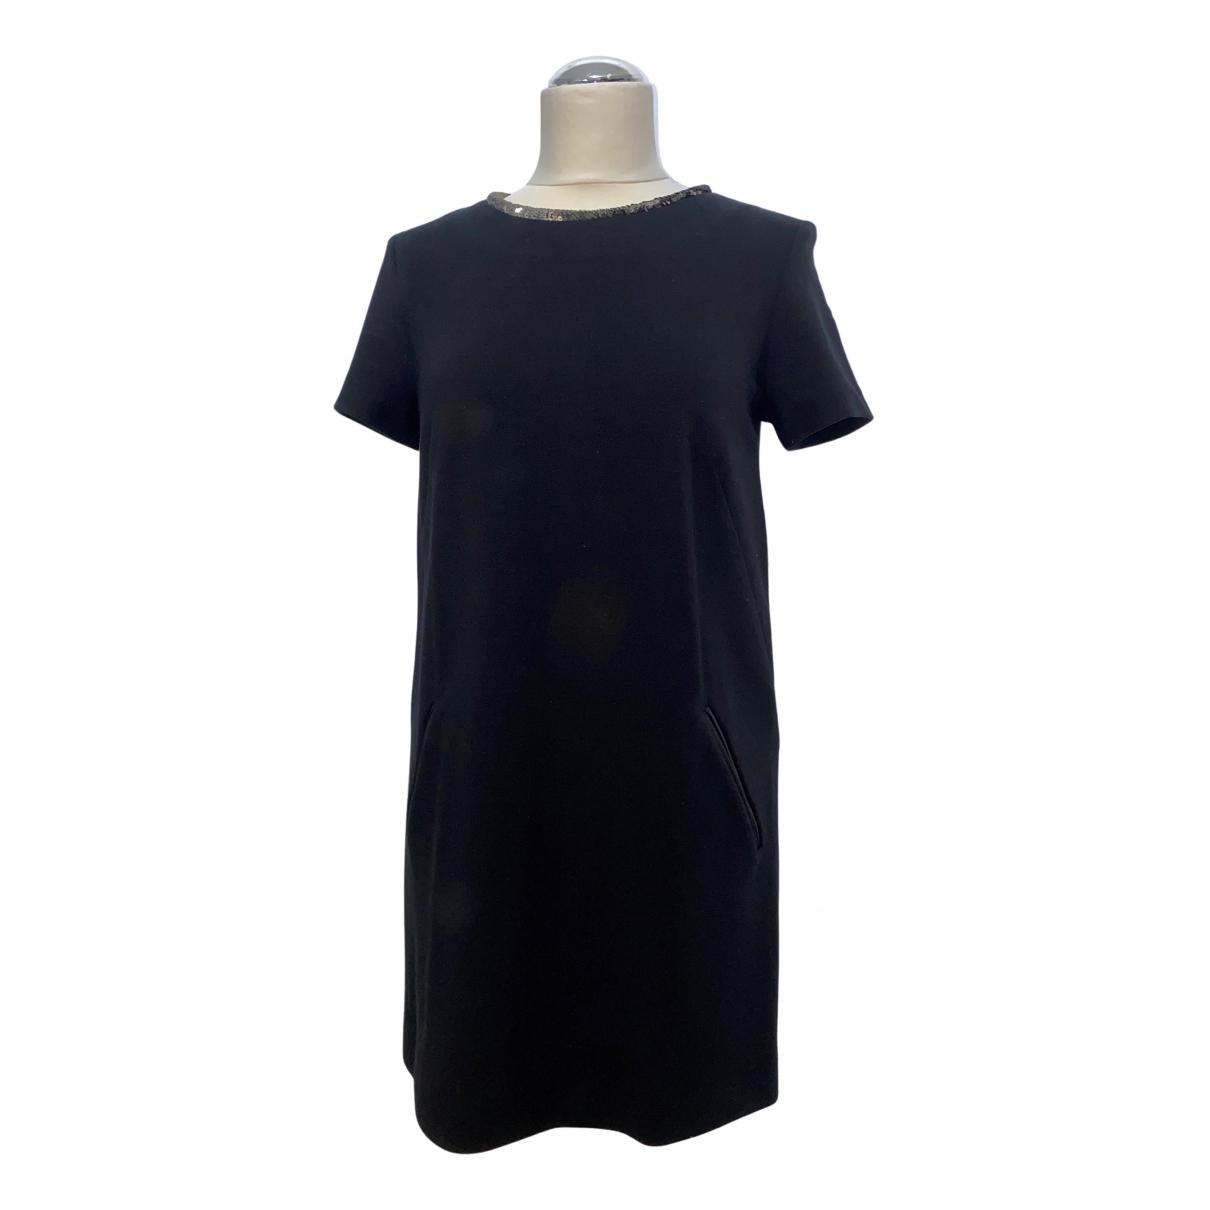 Marc Cain \N Black dress for Women 38 FR